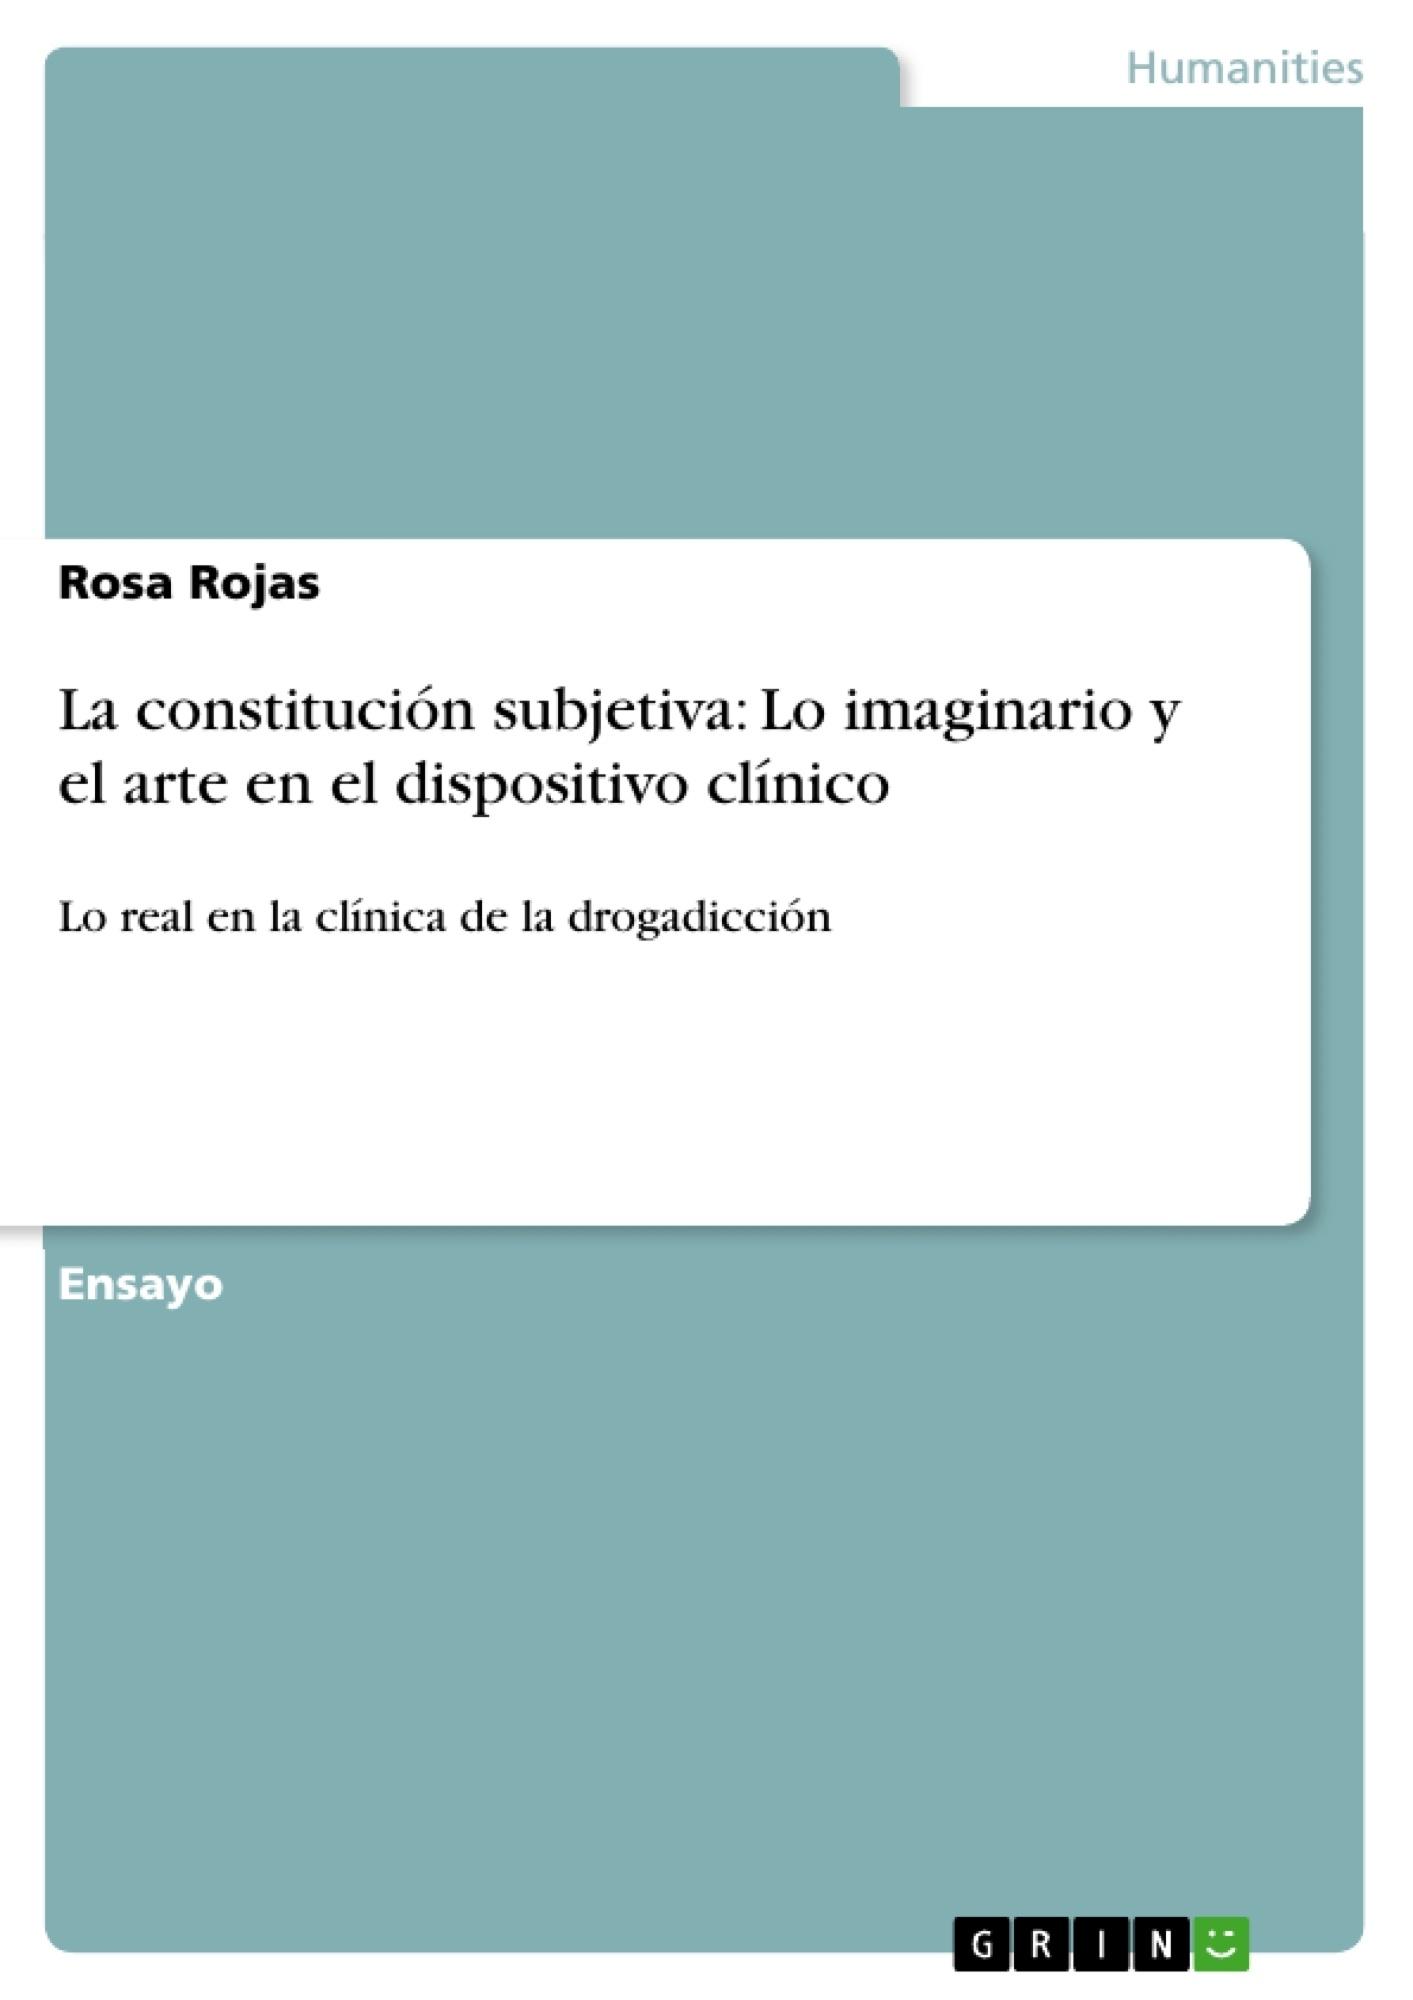 Título: La constitución subjetiva:  Lo imaginario y el arte en el dispositivo clínico